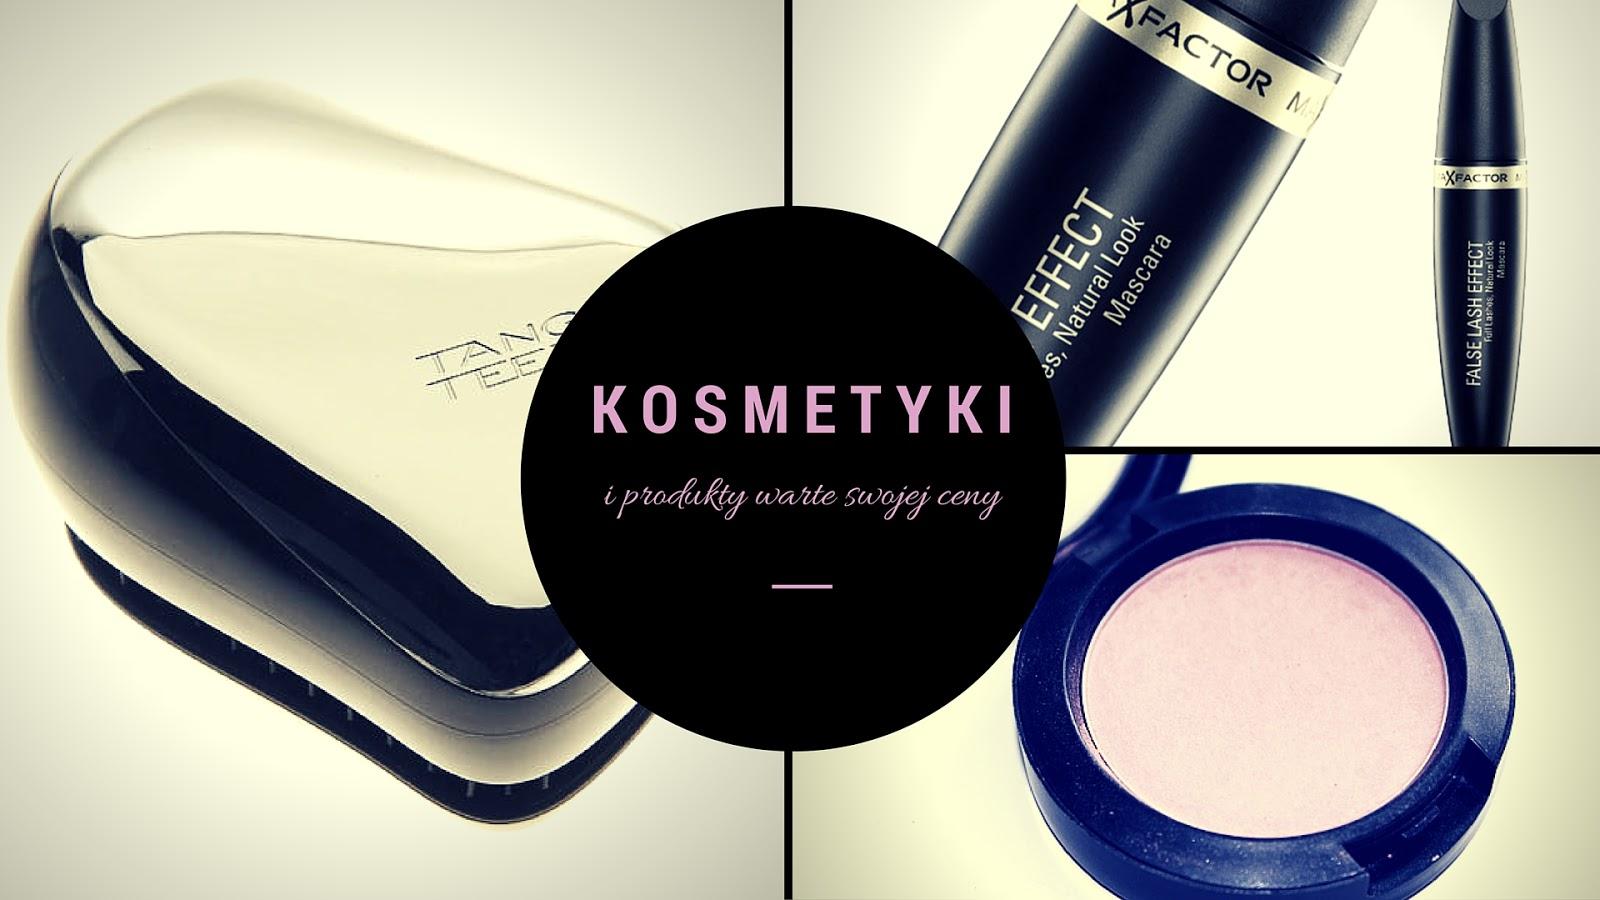 Kosmetyki i produkty warte swojej ceny